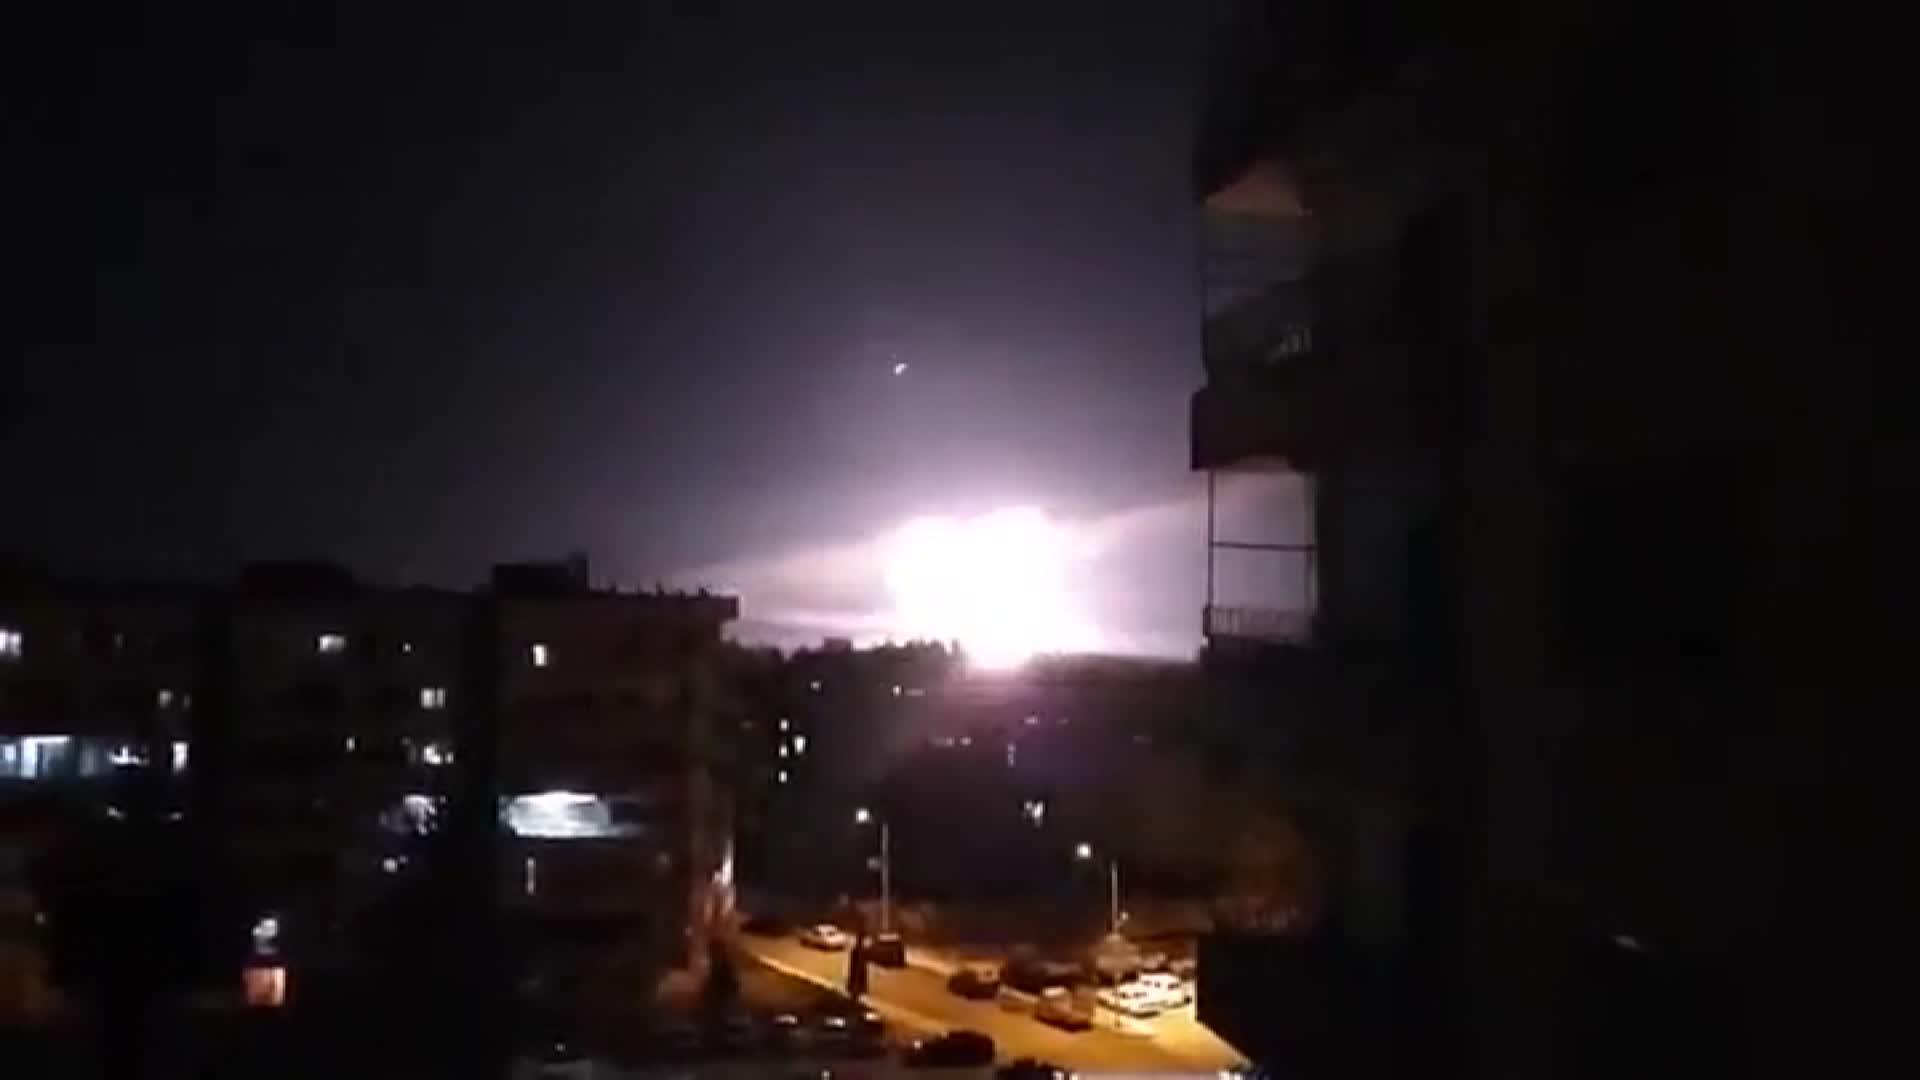 إسرائيل تعلن شن غارات على أهداف إيرانية في سوريا.. ودمشق: تصدينا لها